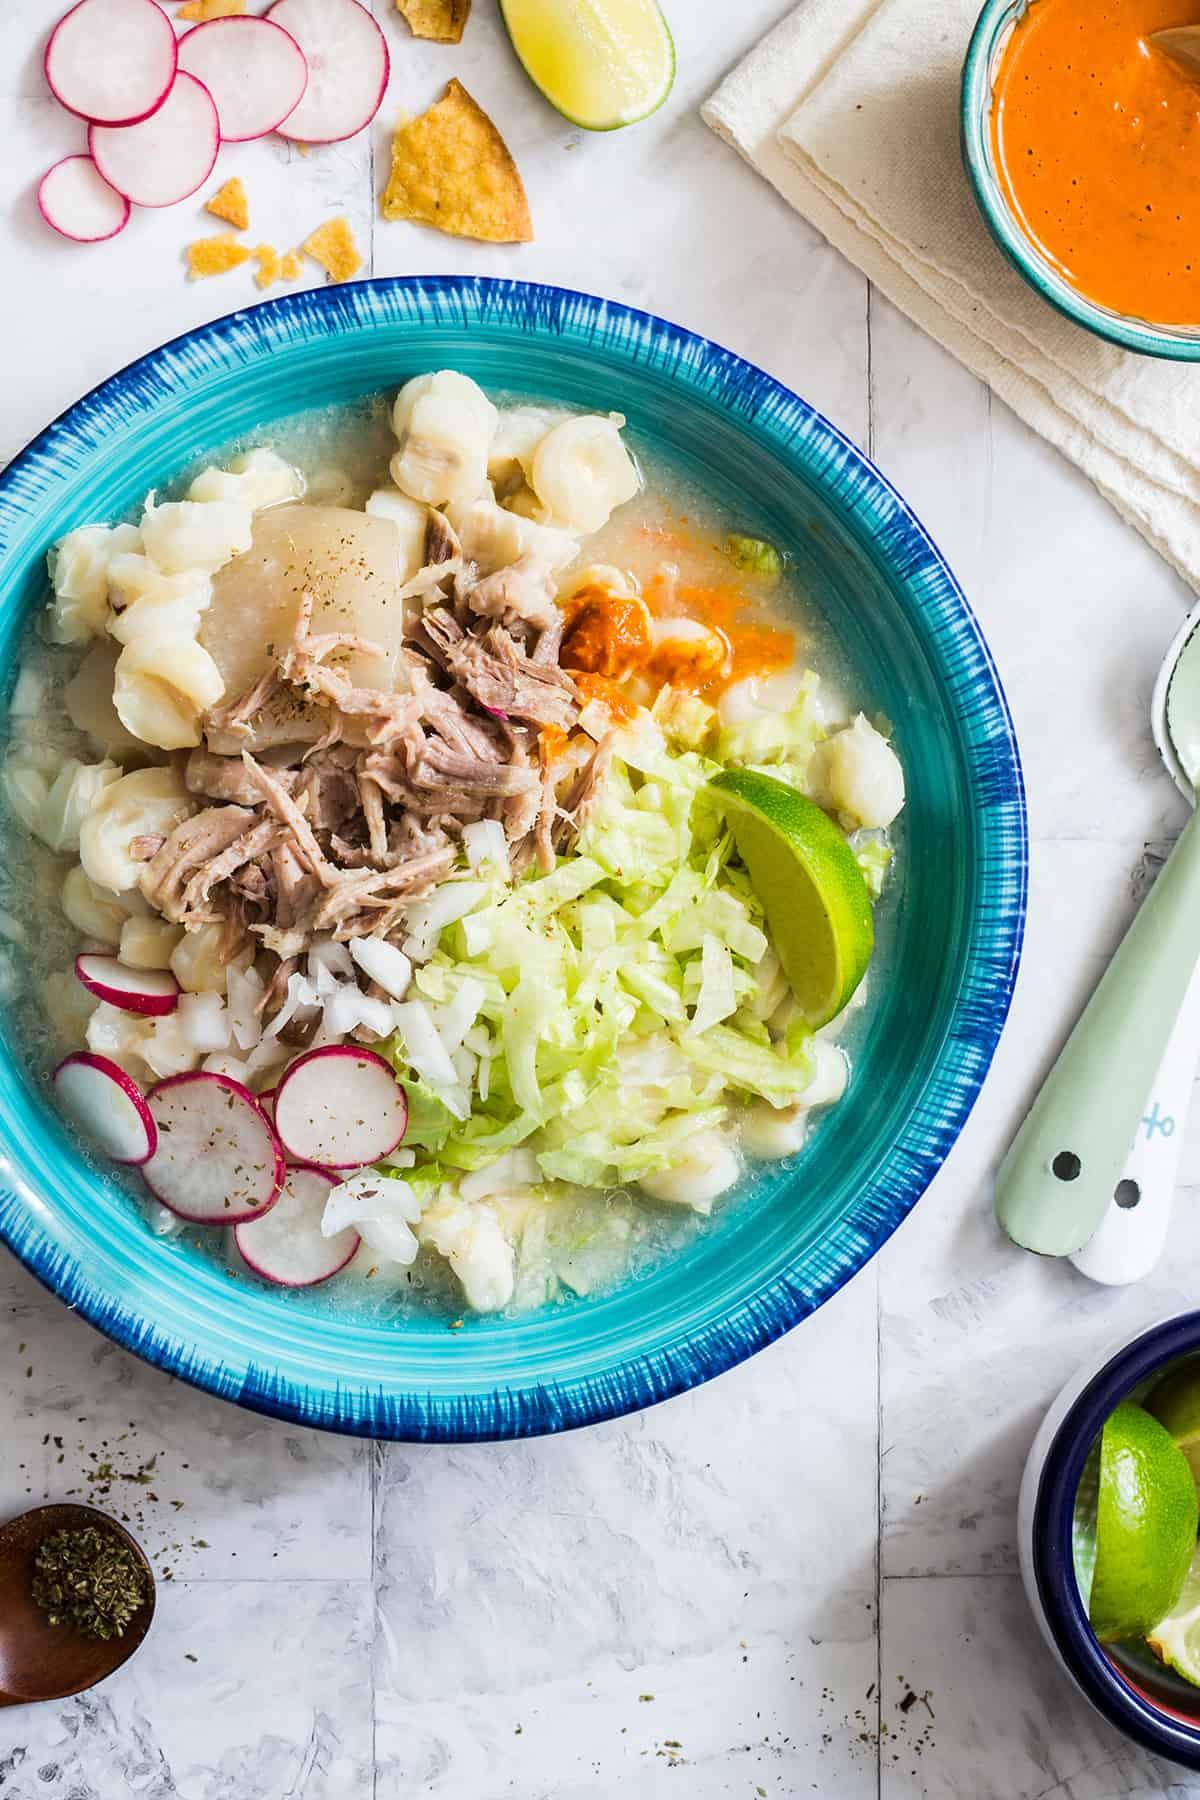 Pozole bianco servito in un piatto turchese